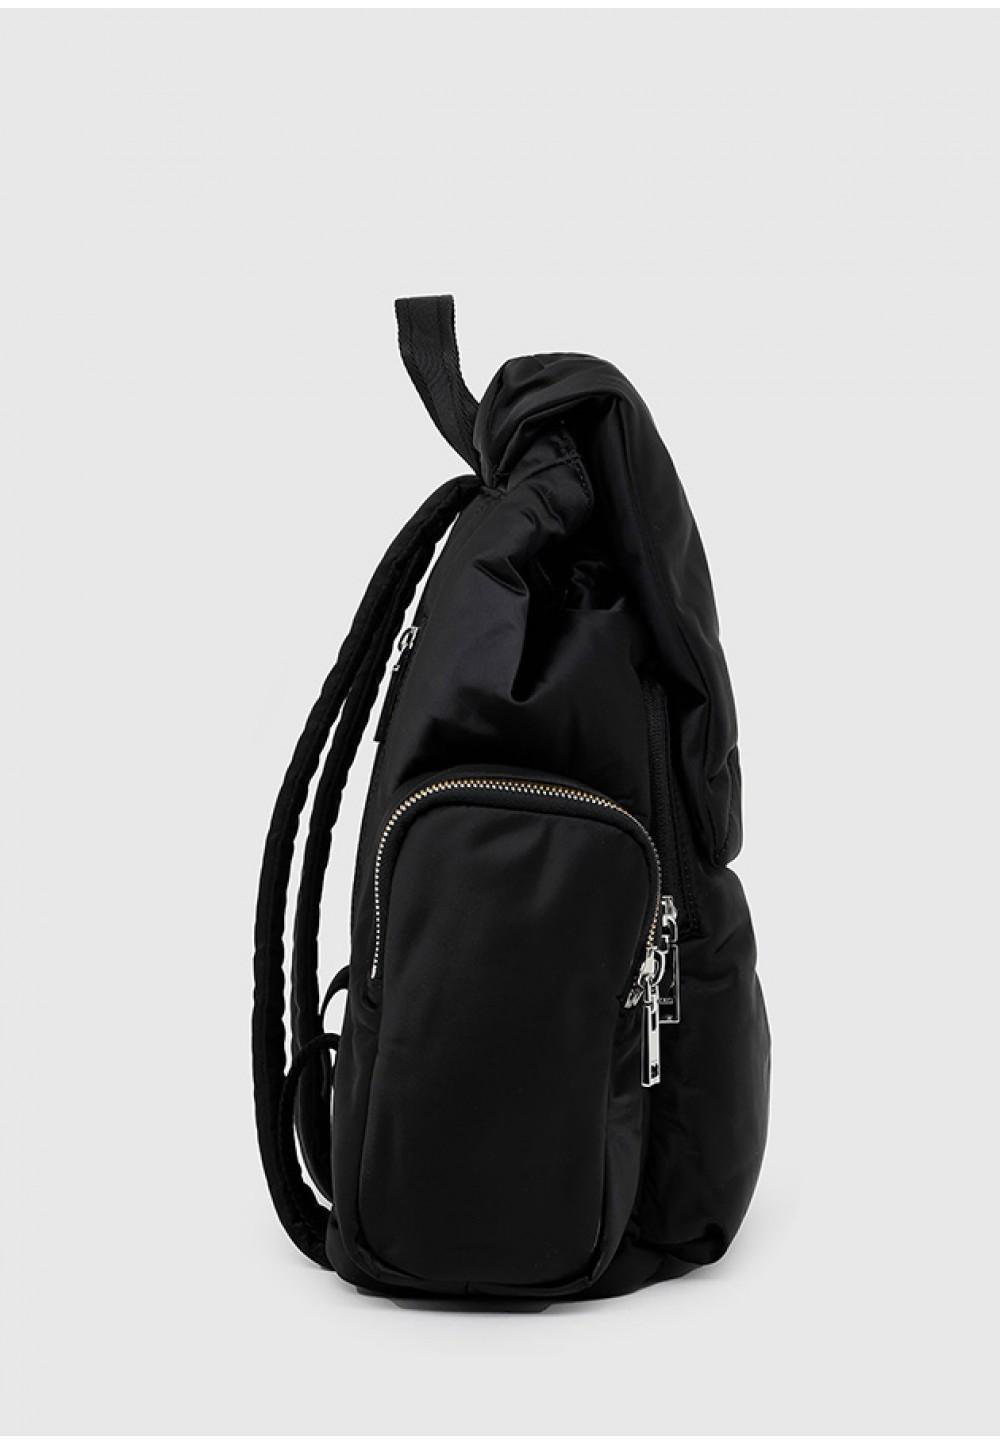 Практичный рюкзак черного цвета